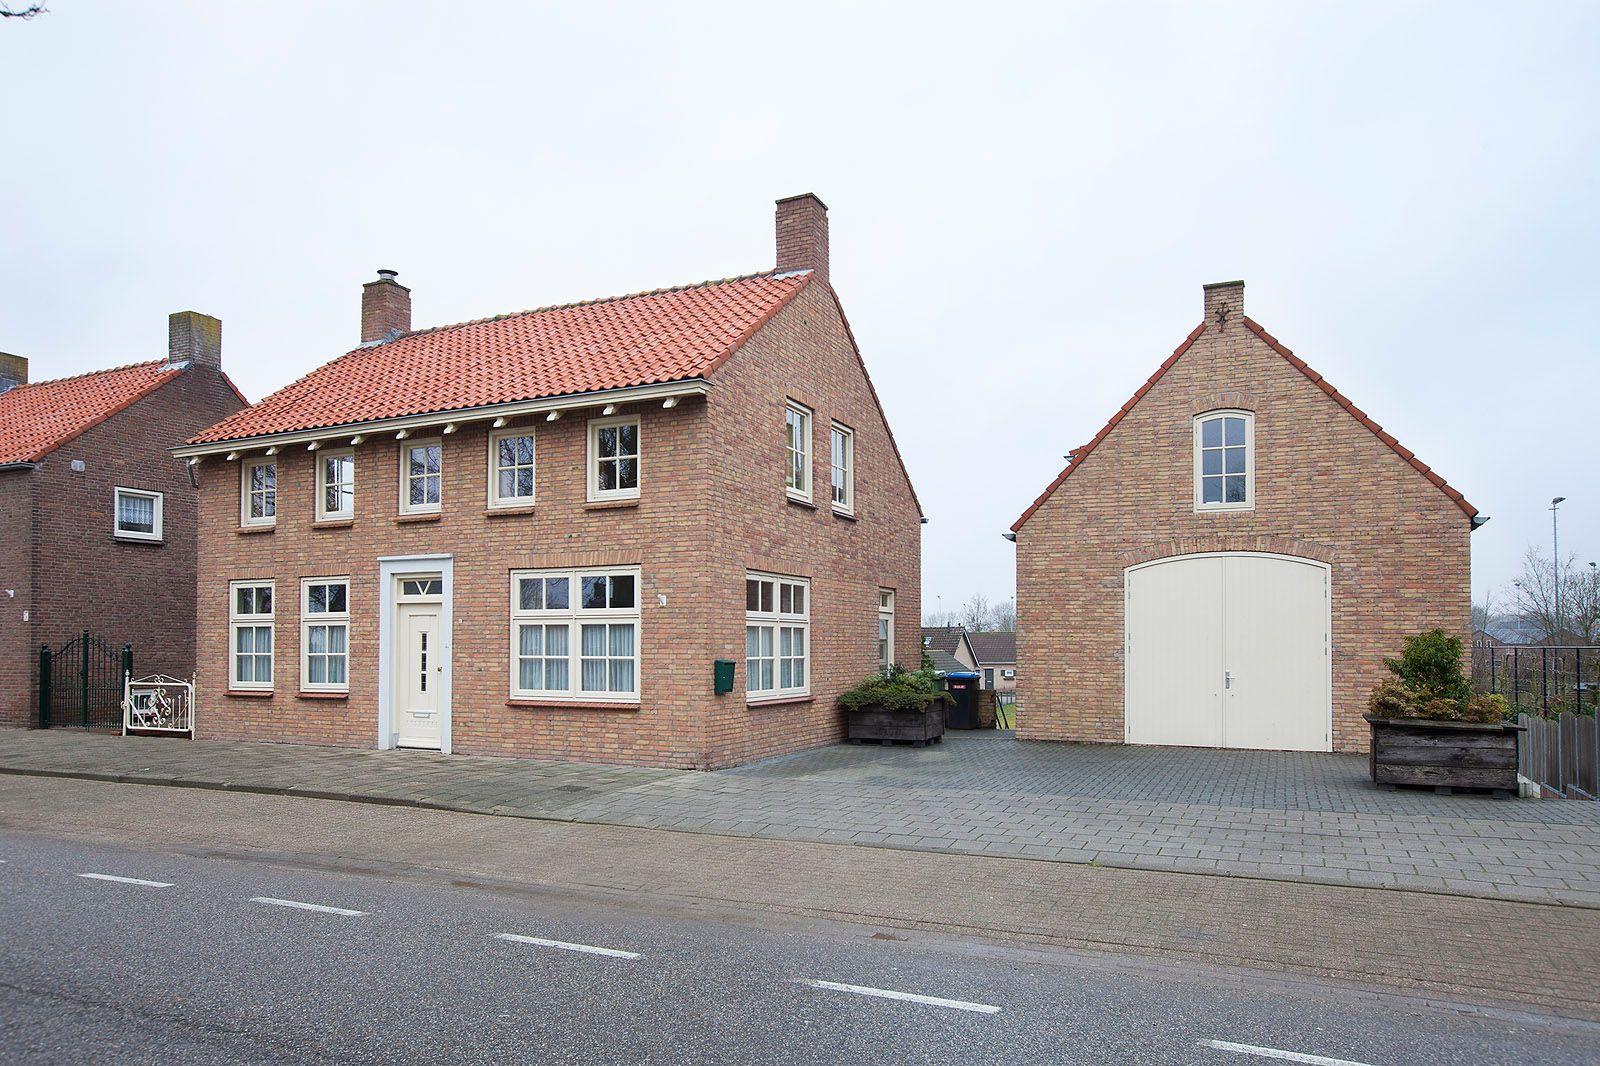 St. Jozefstraat 11, Noordhoek